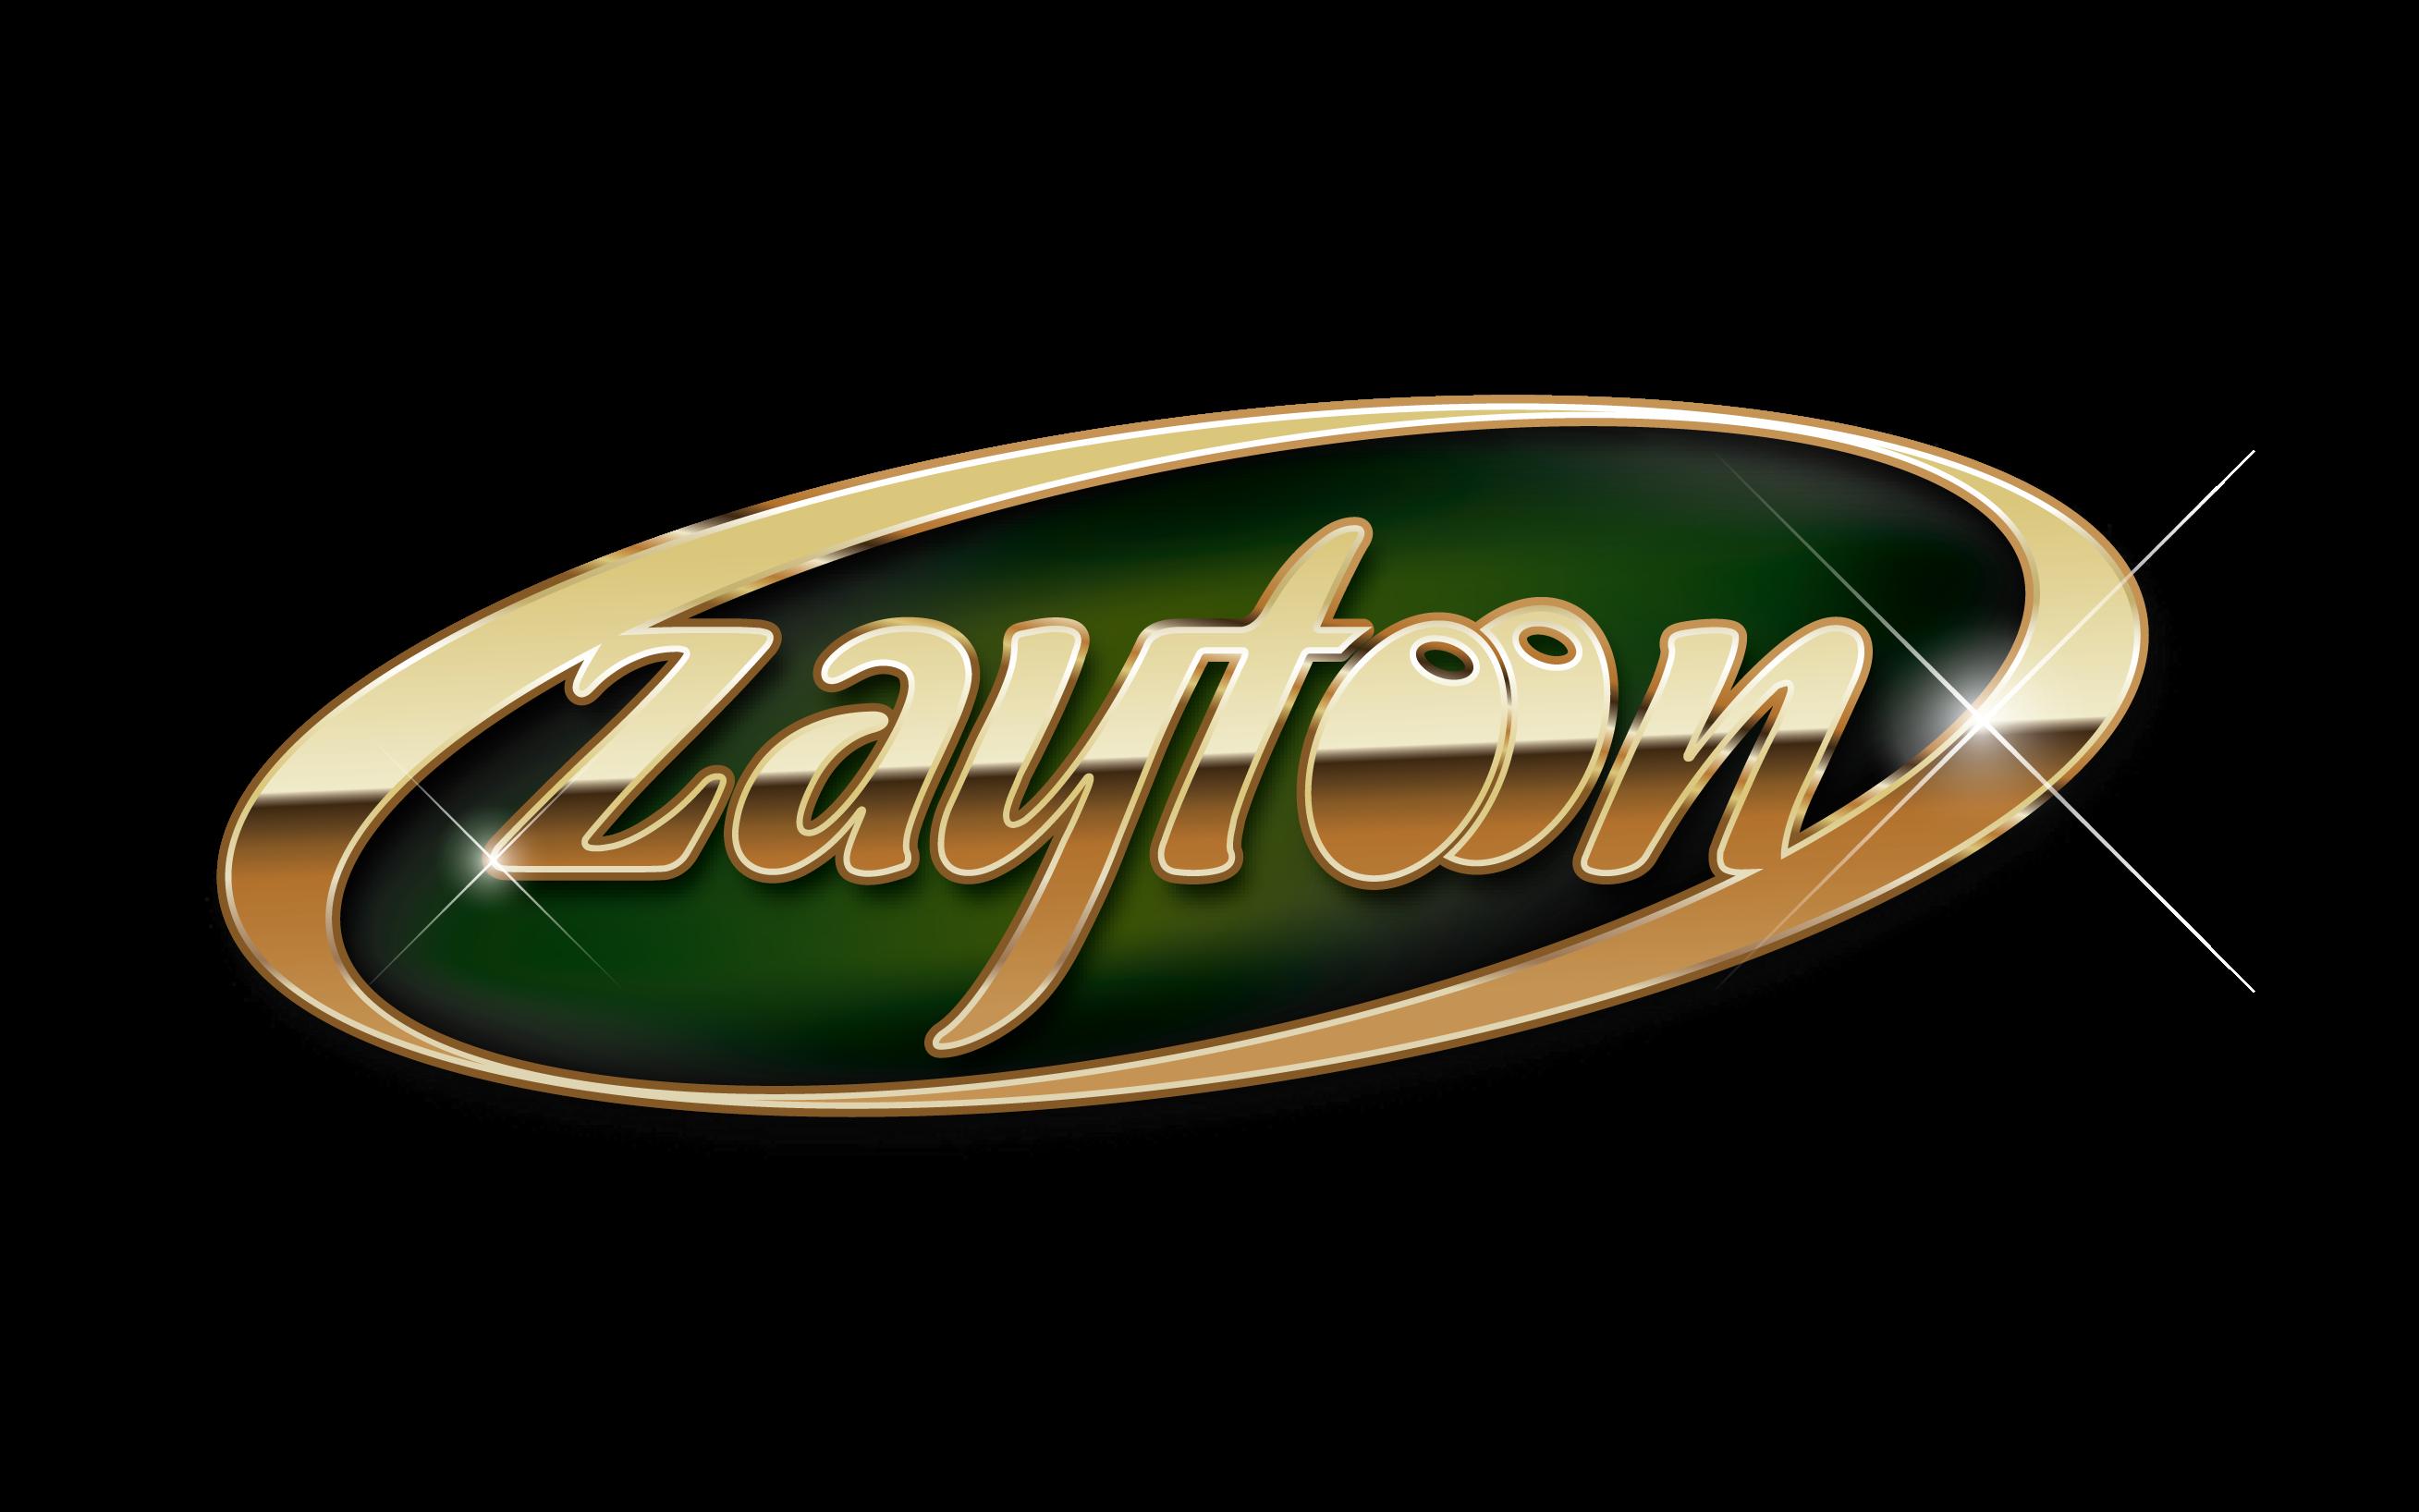 Zaytoon Restaurant